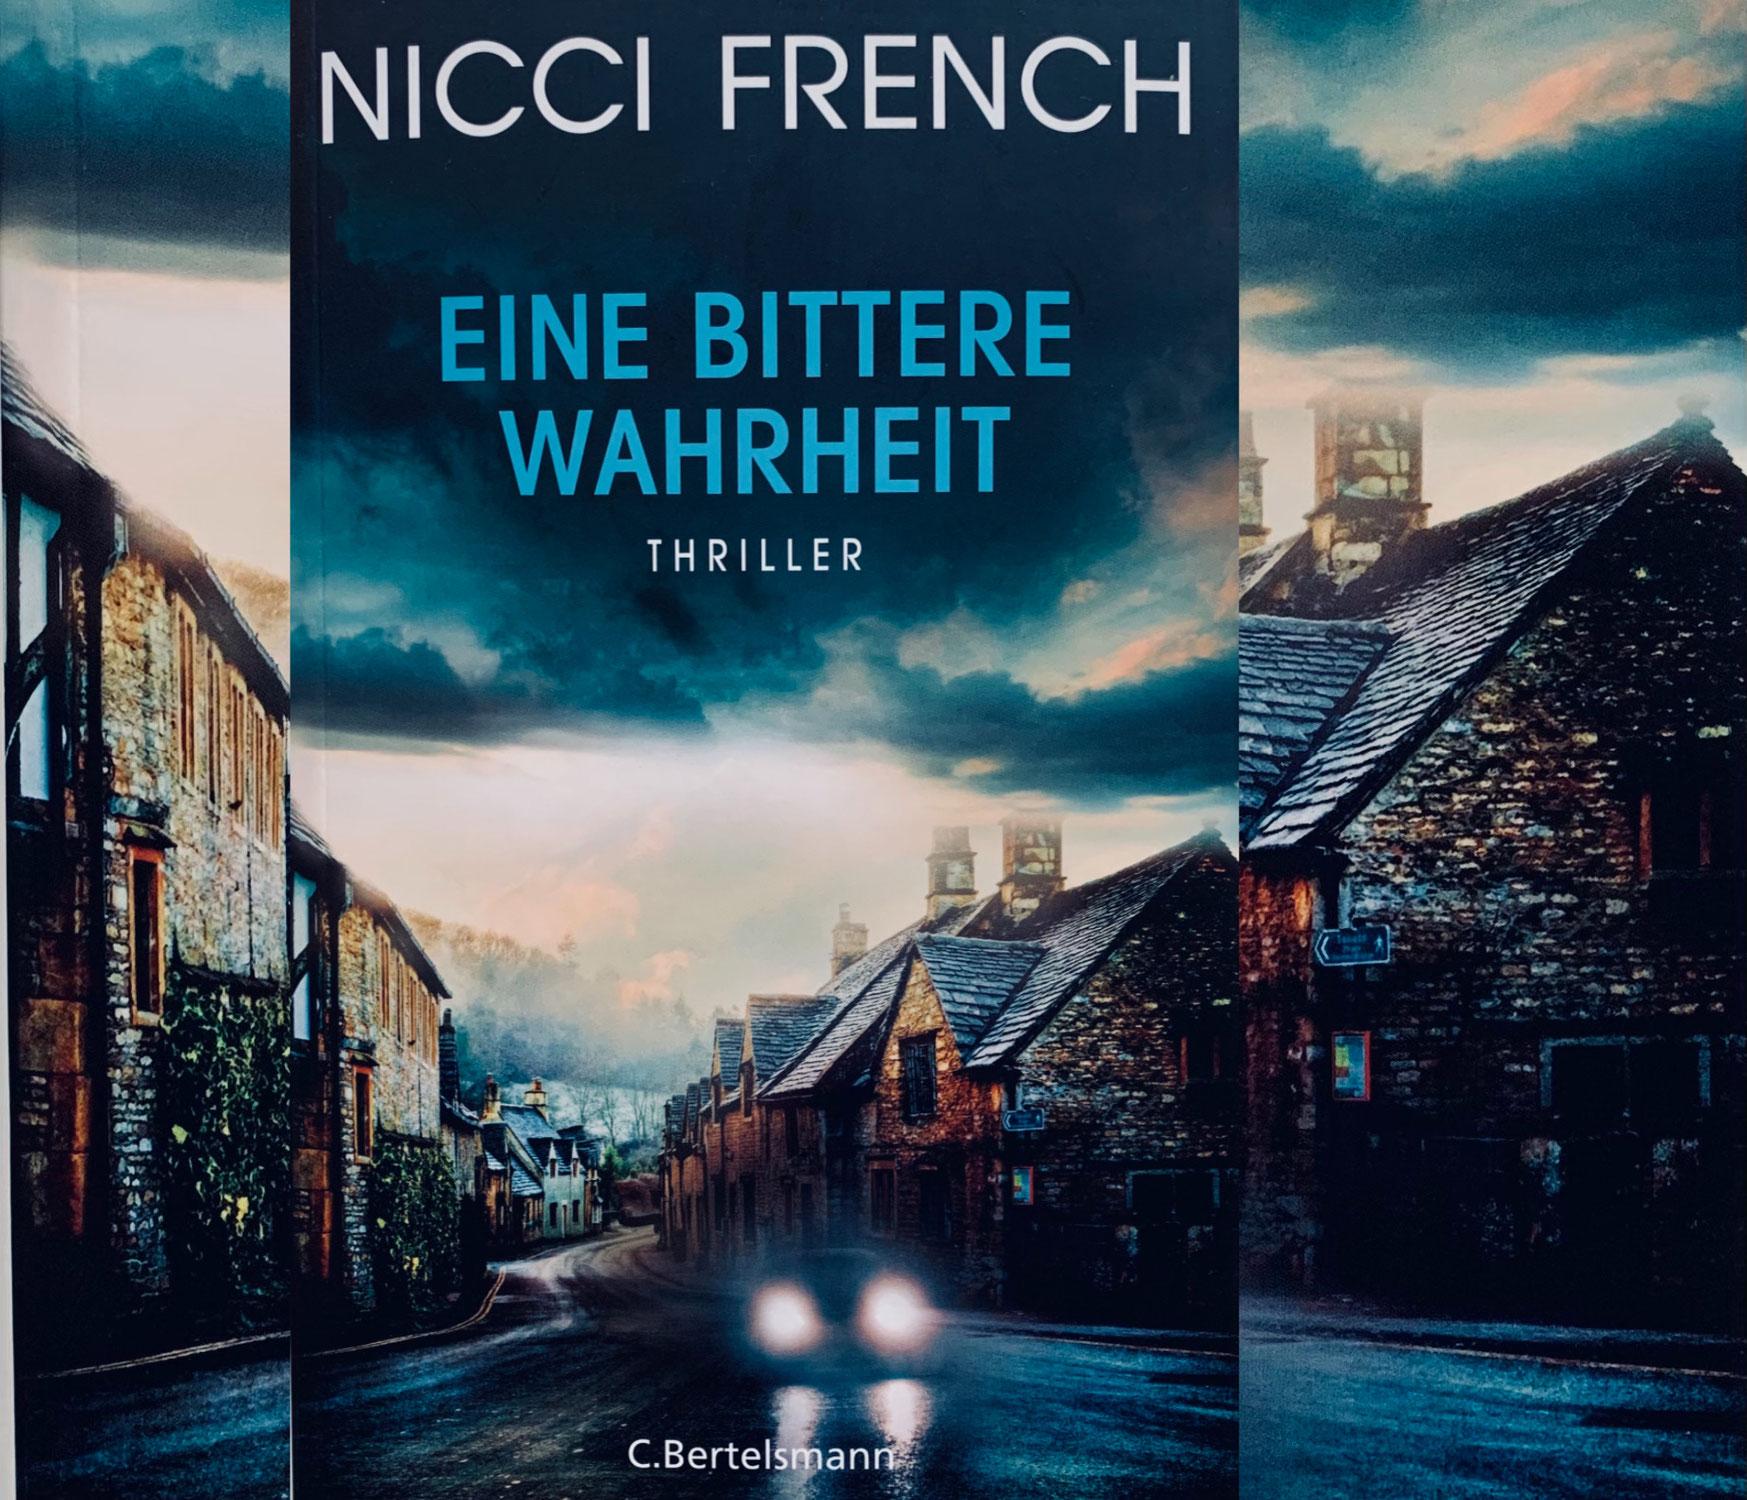 Nicci French: Eine bittere Wahrheit